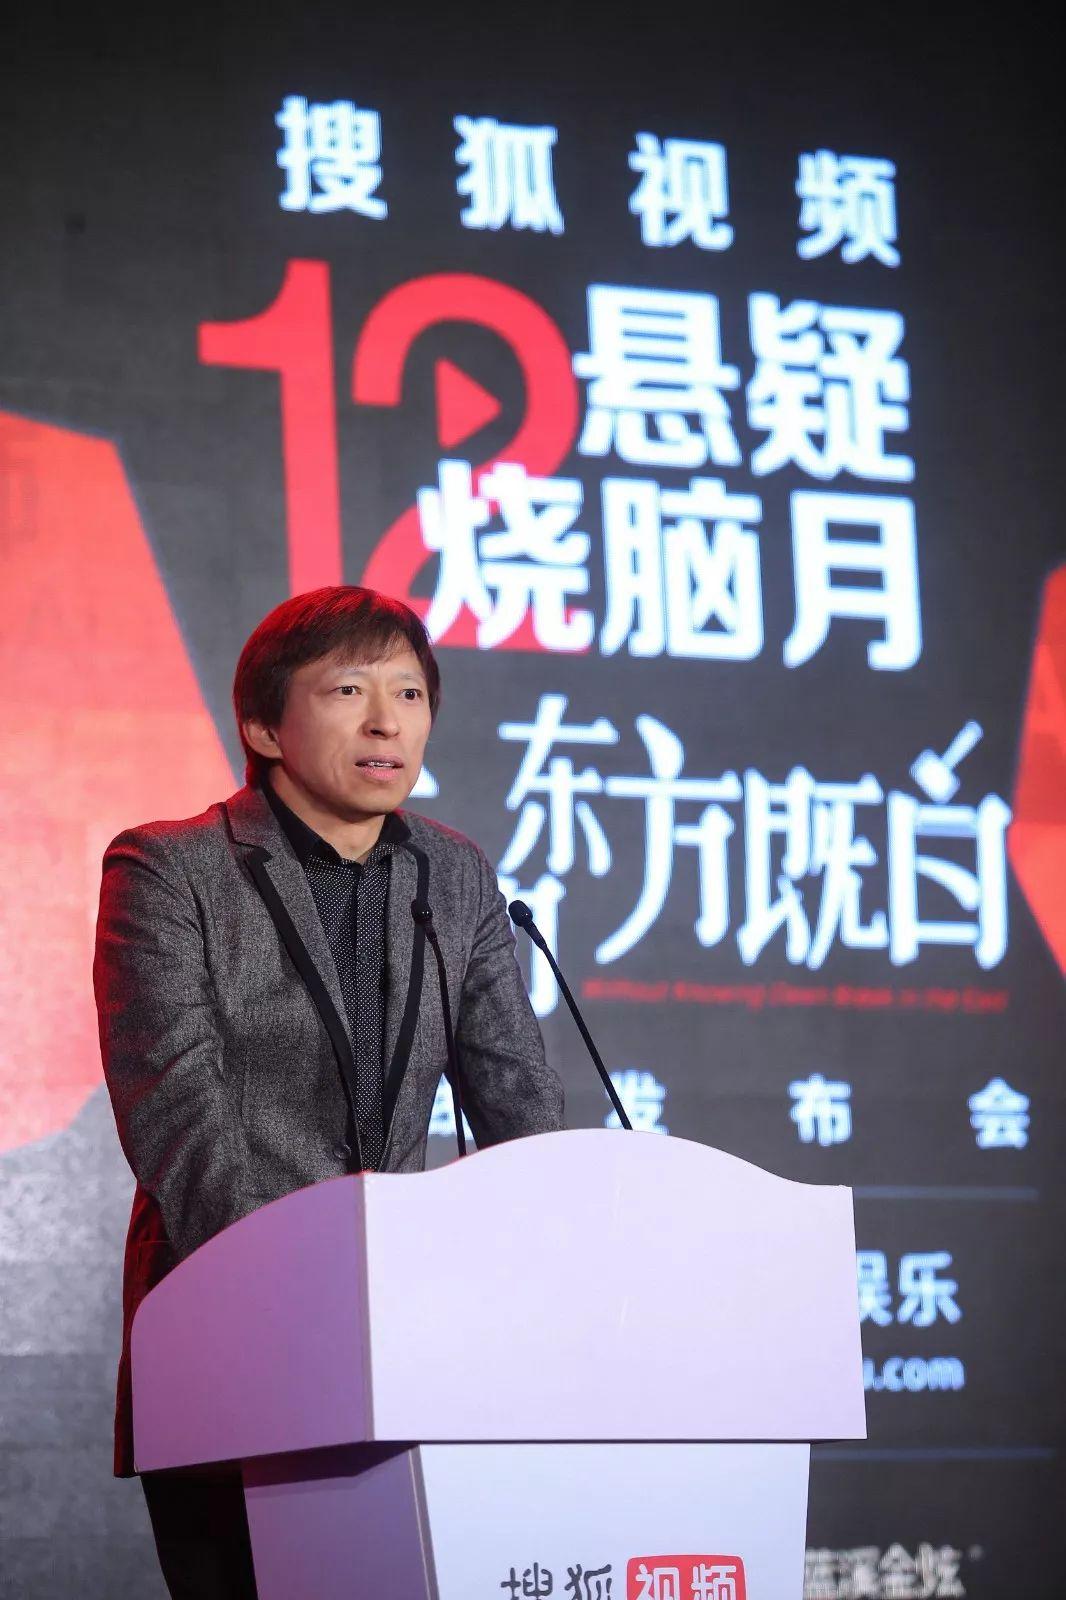 张朝阳谈视频网站的盈利之路|专访